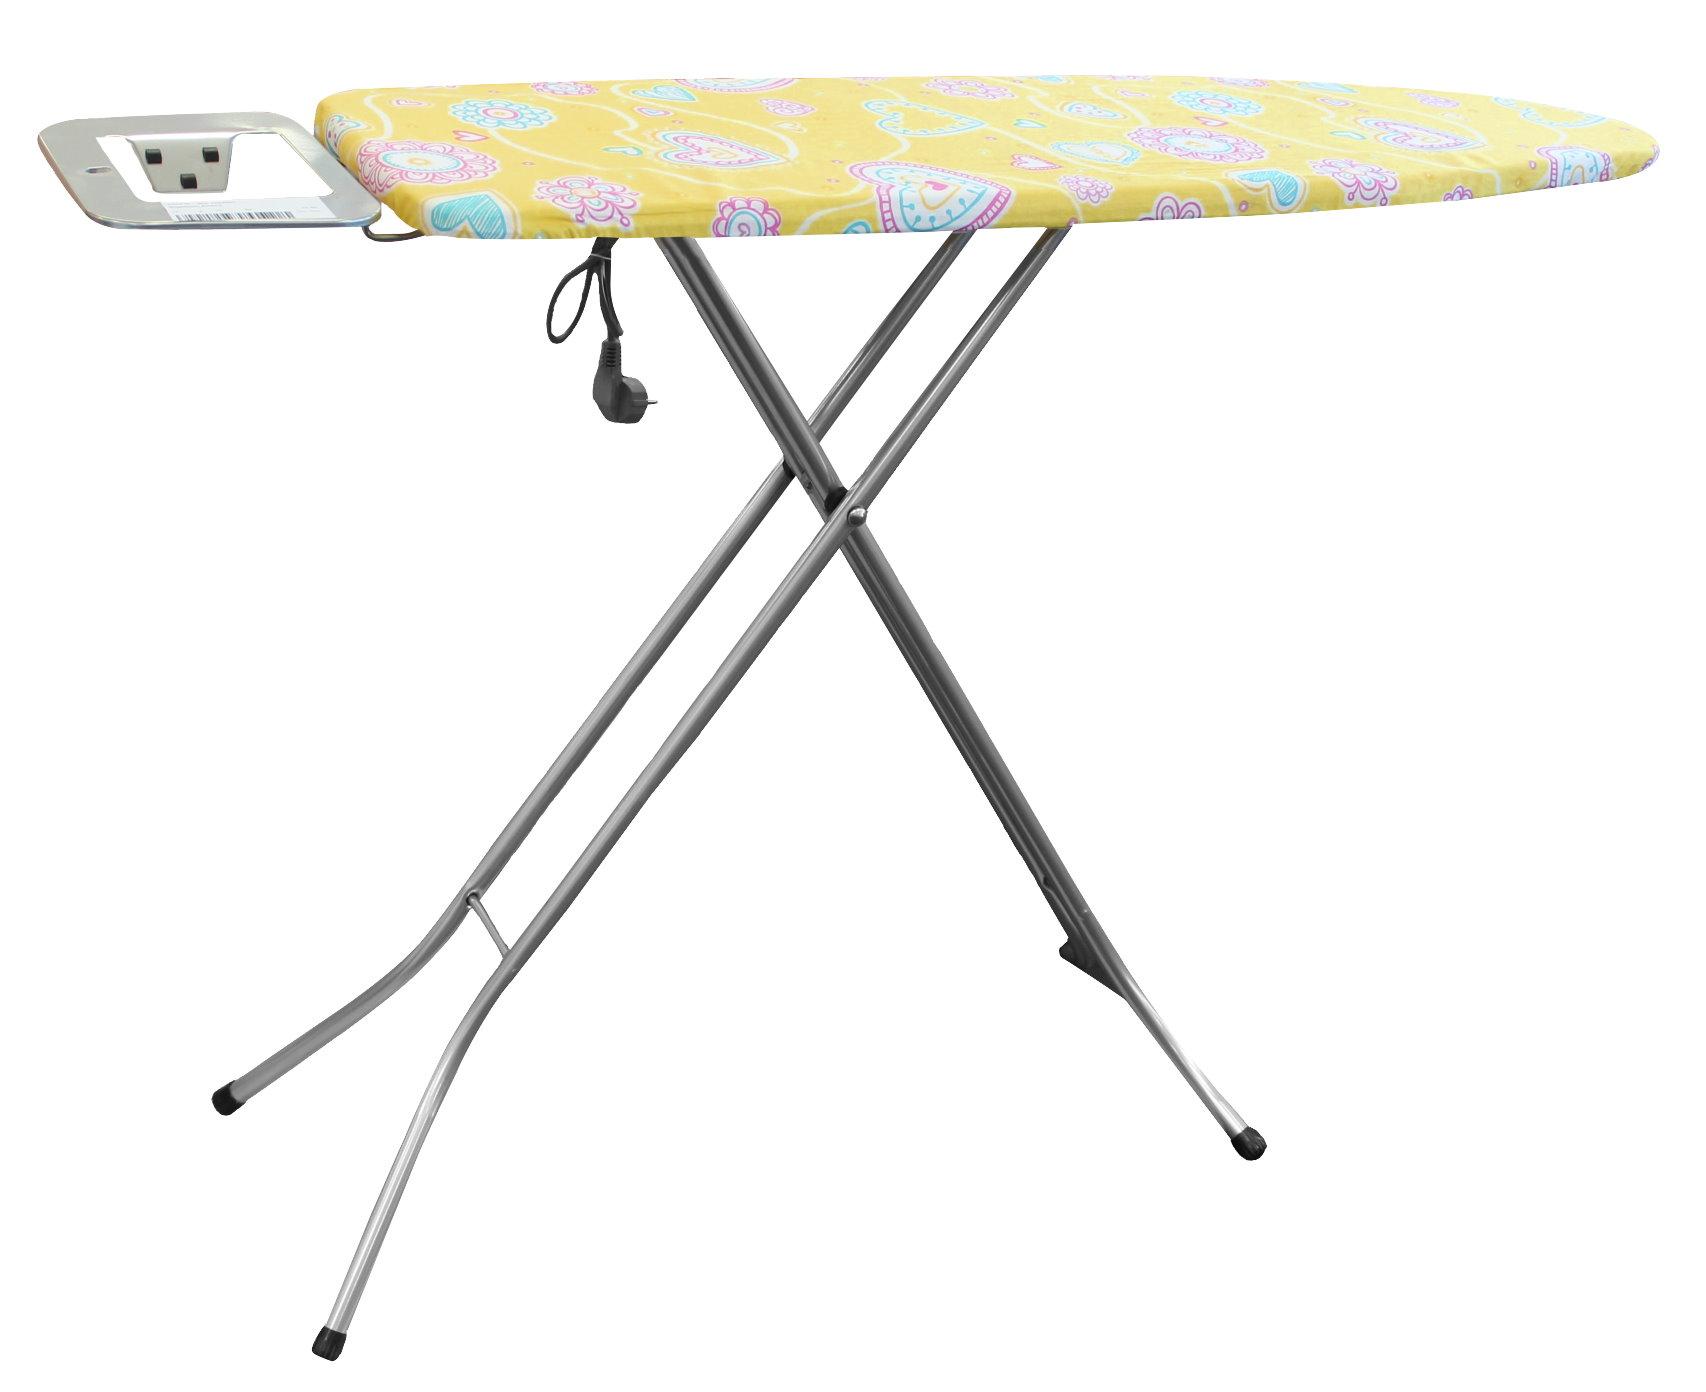 Lectrique planche repasser 114x34 cm prise de courant - Table a repasser avec prise integree ...